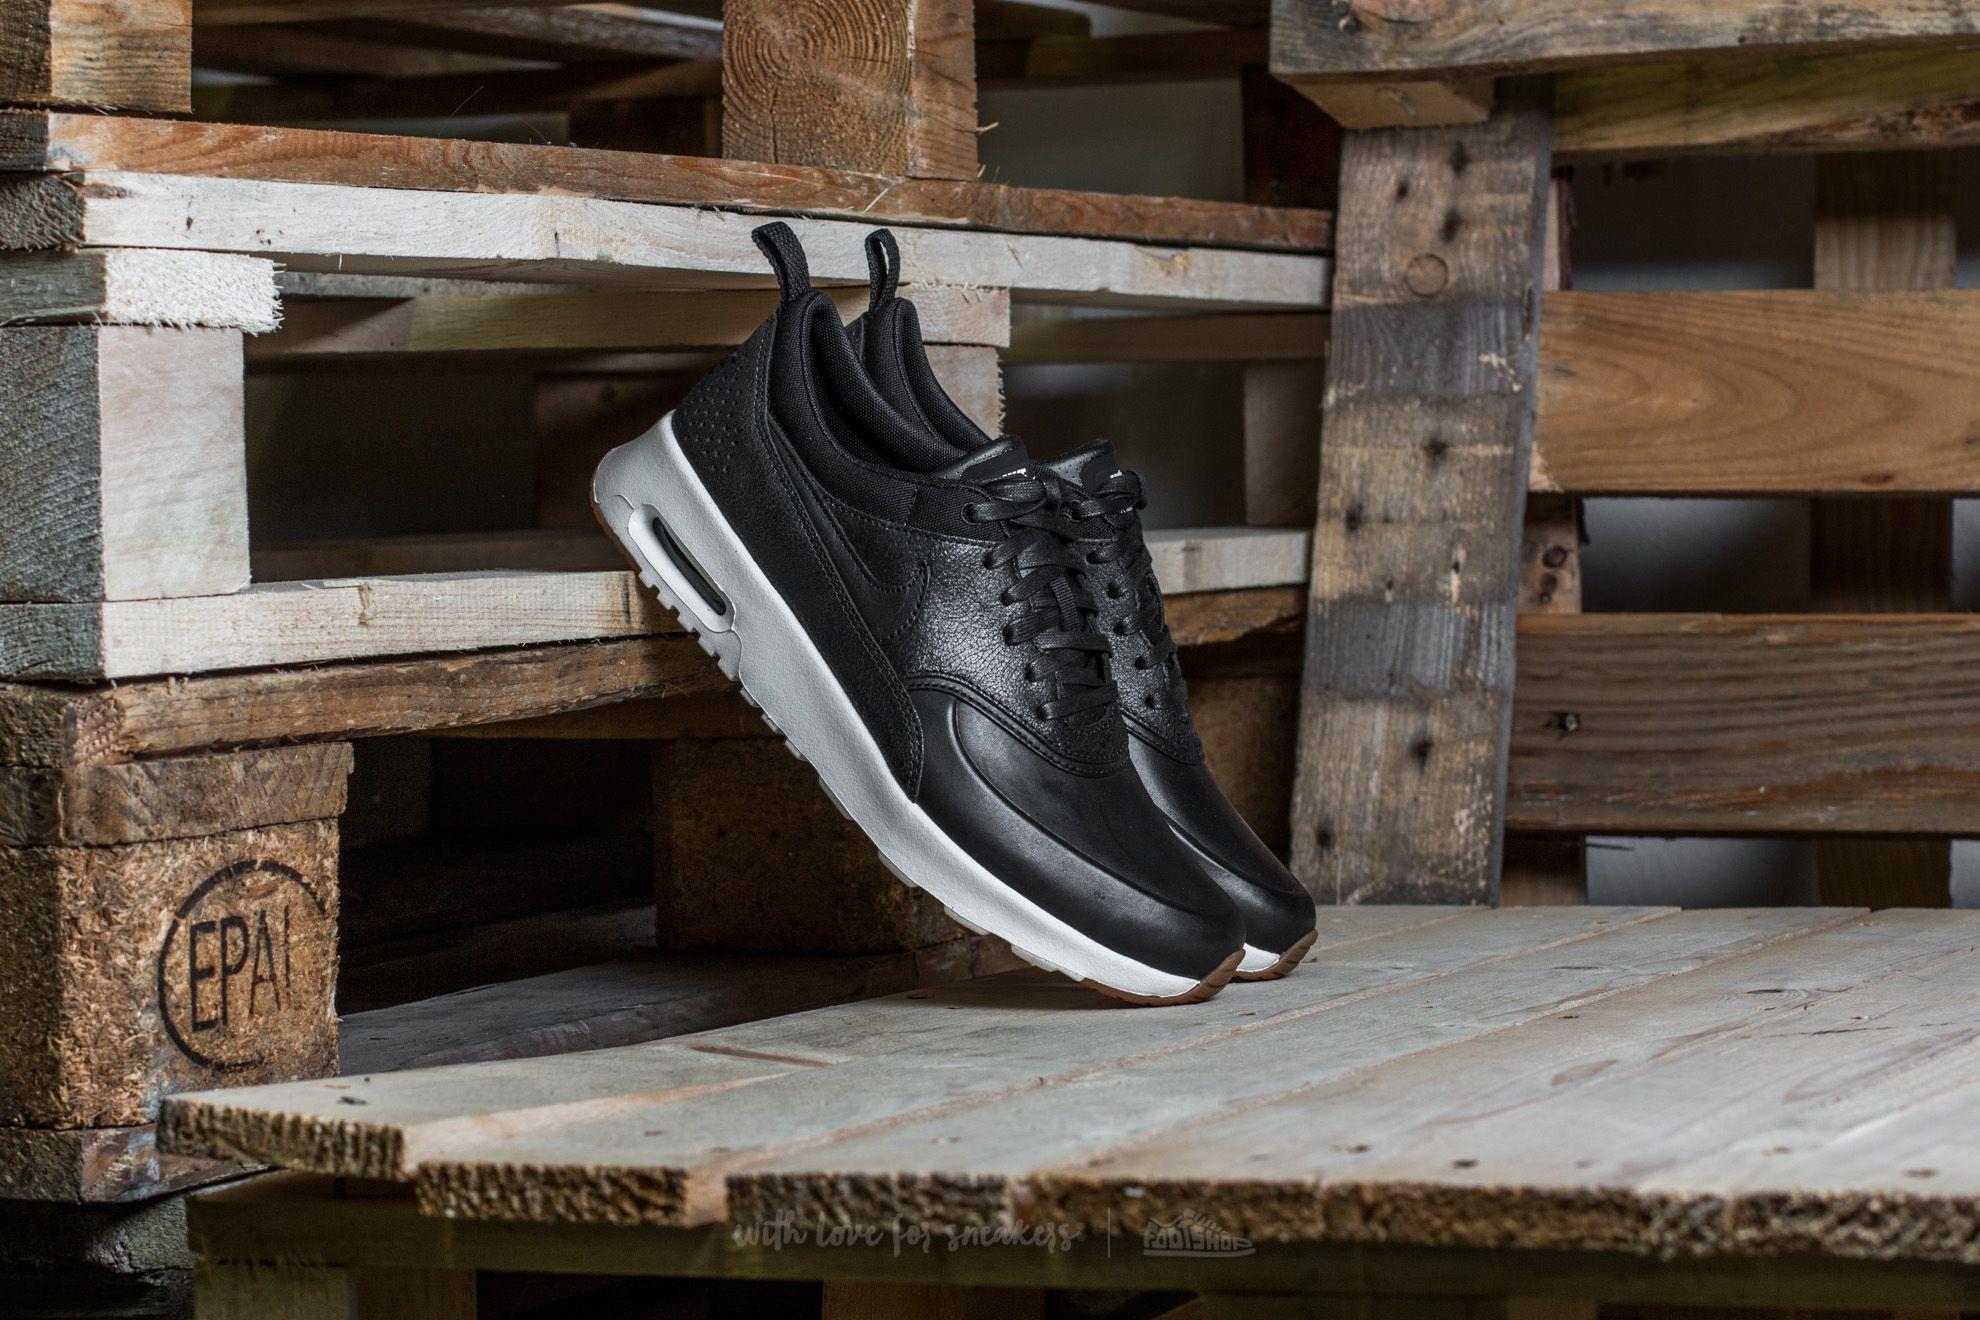 Nike Wmns Air Max Thea Premium Black/ Black-Sail-Gum Medium Brown